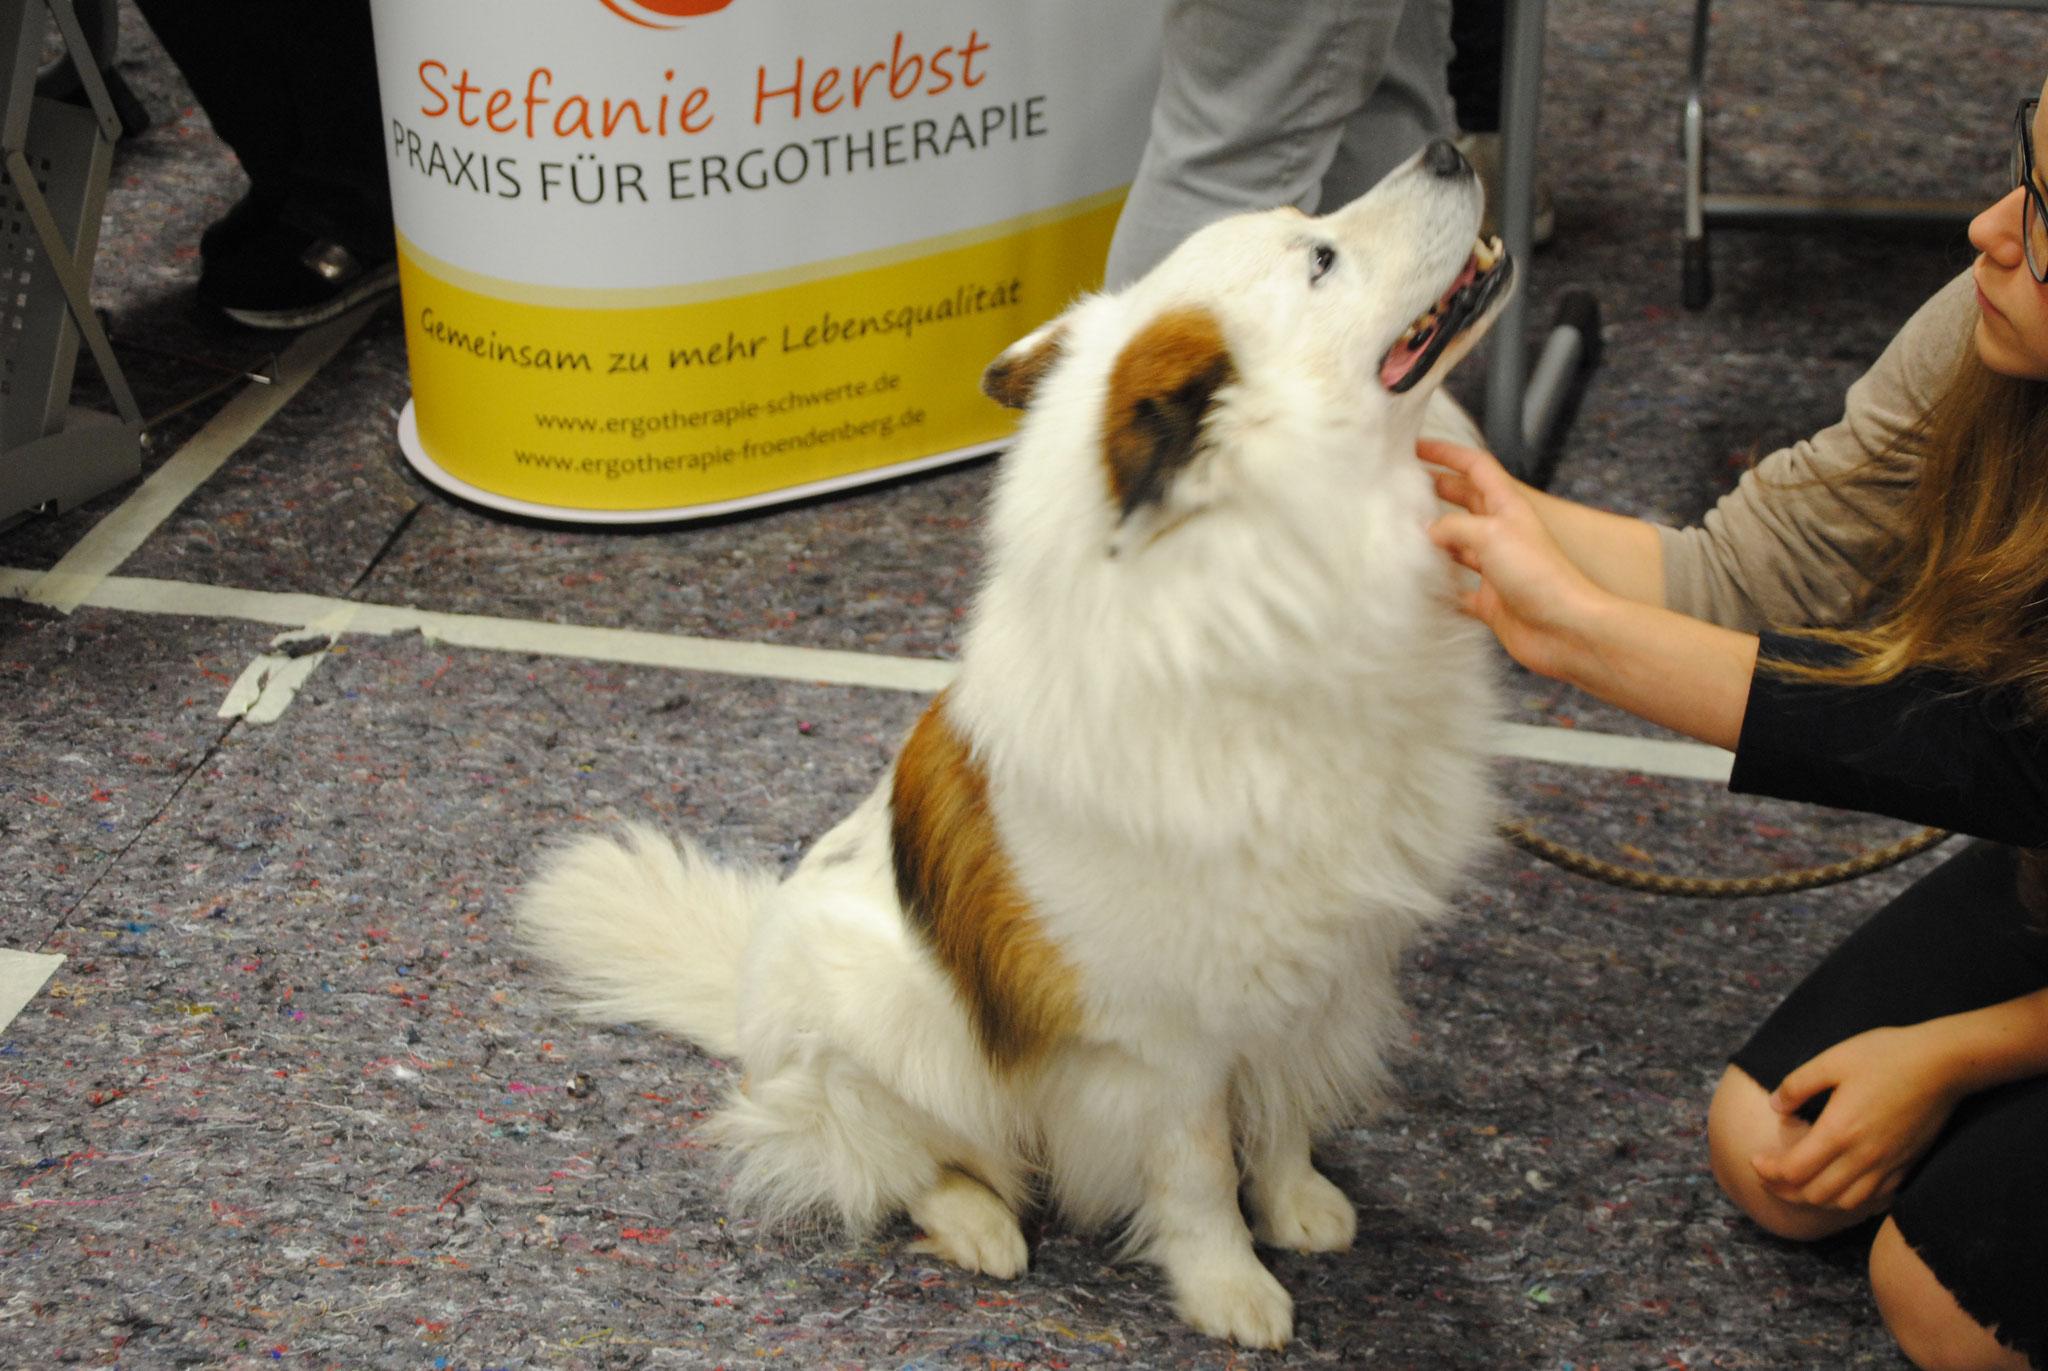 Therapiehund der Ergotherapie Praxis - Stefanie Herbst